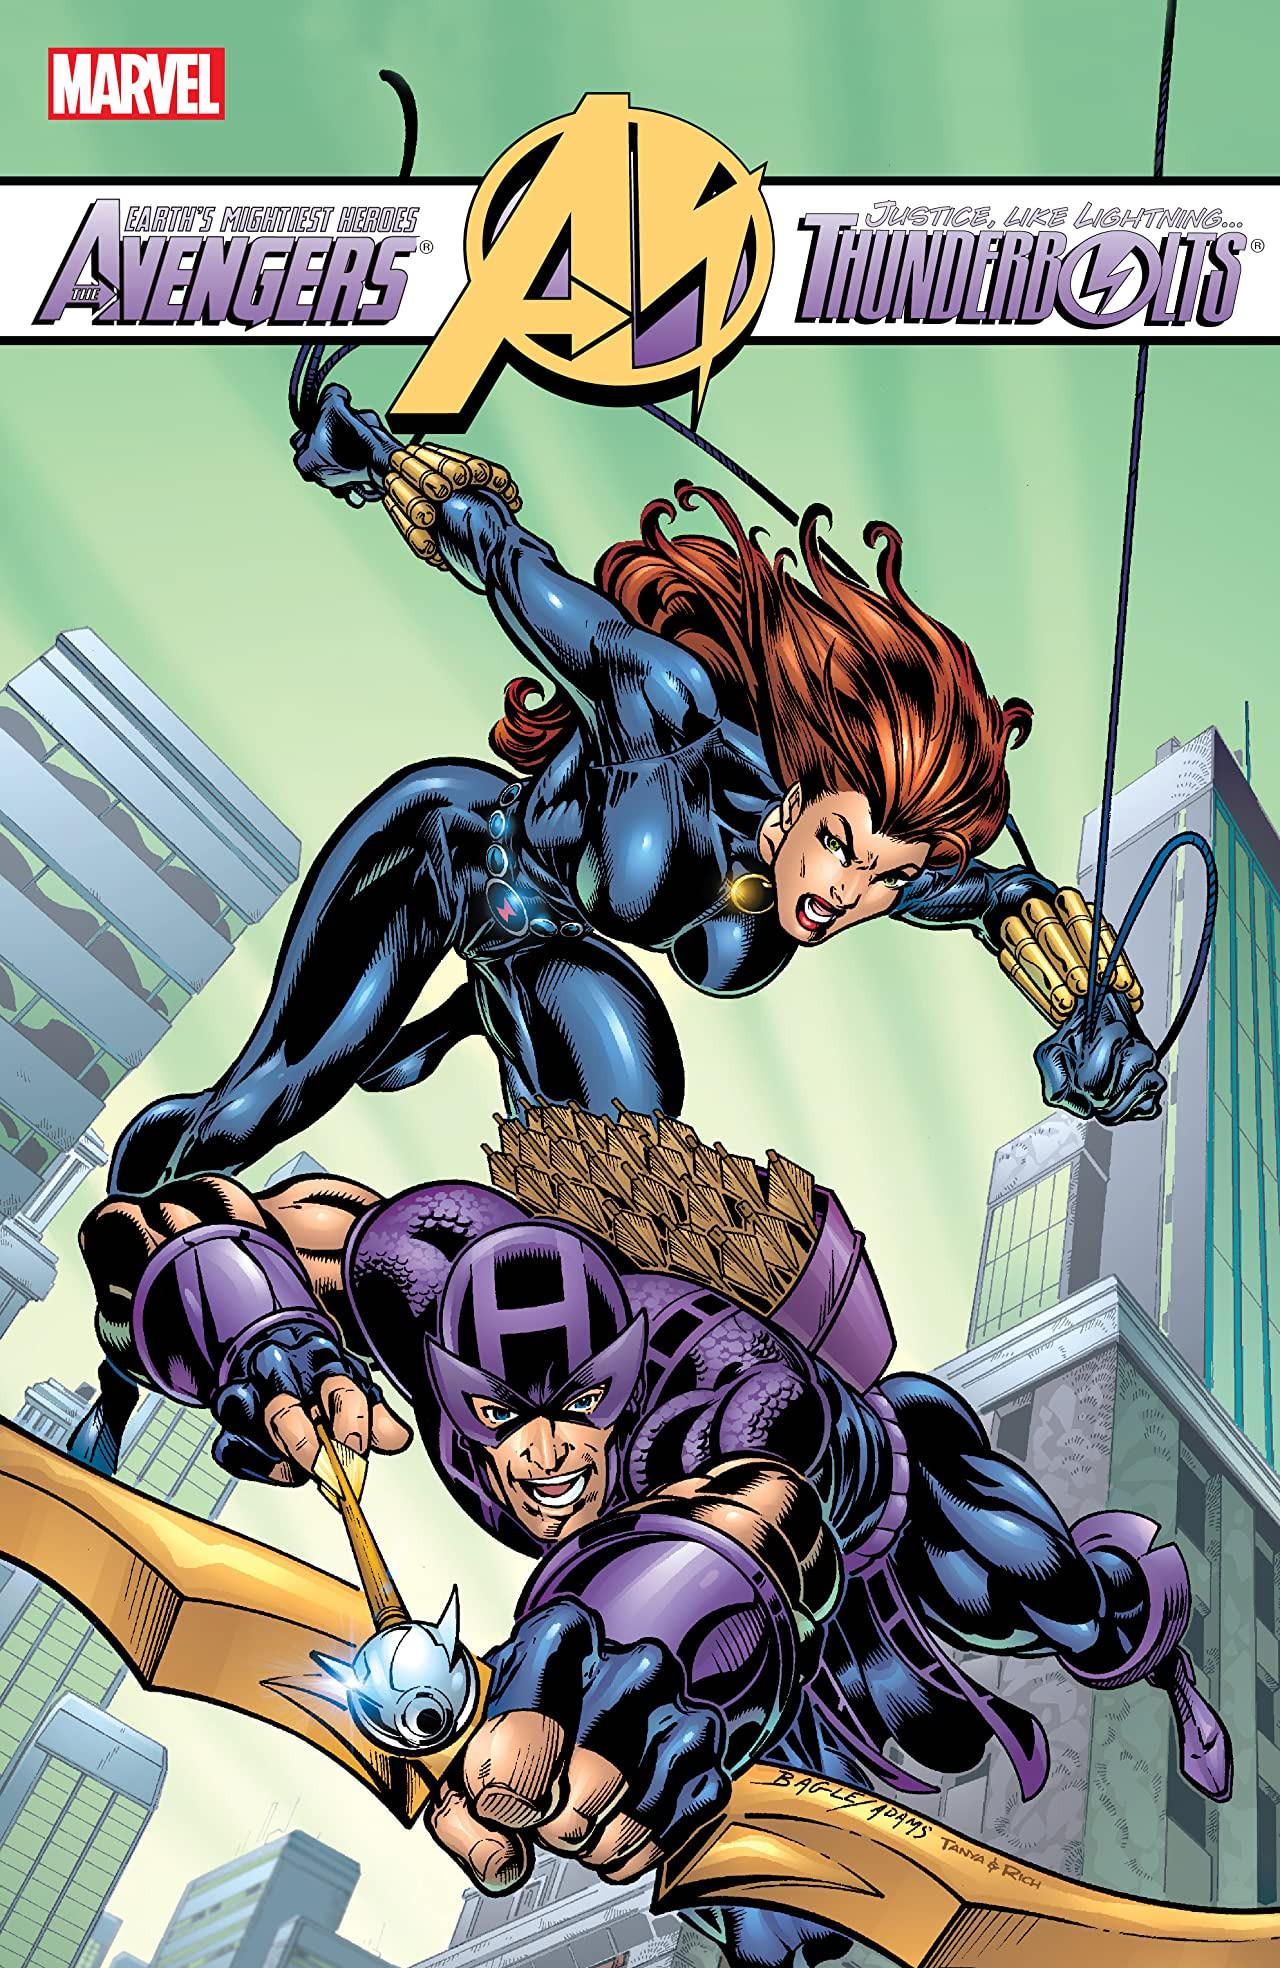 Avengers/Thunderbolts TPB Vol 1 1: The Nefaria Protocols